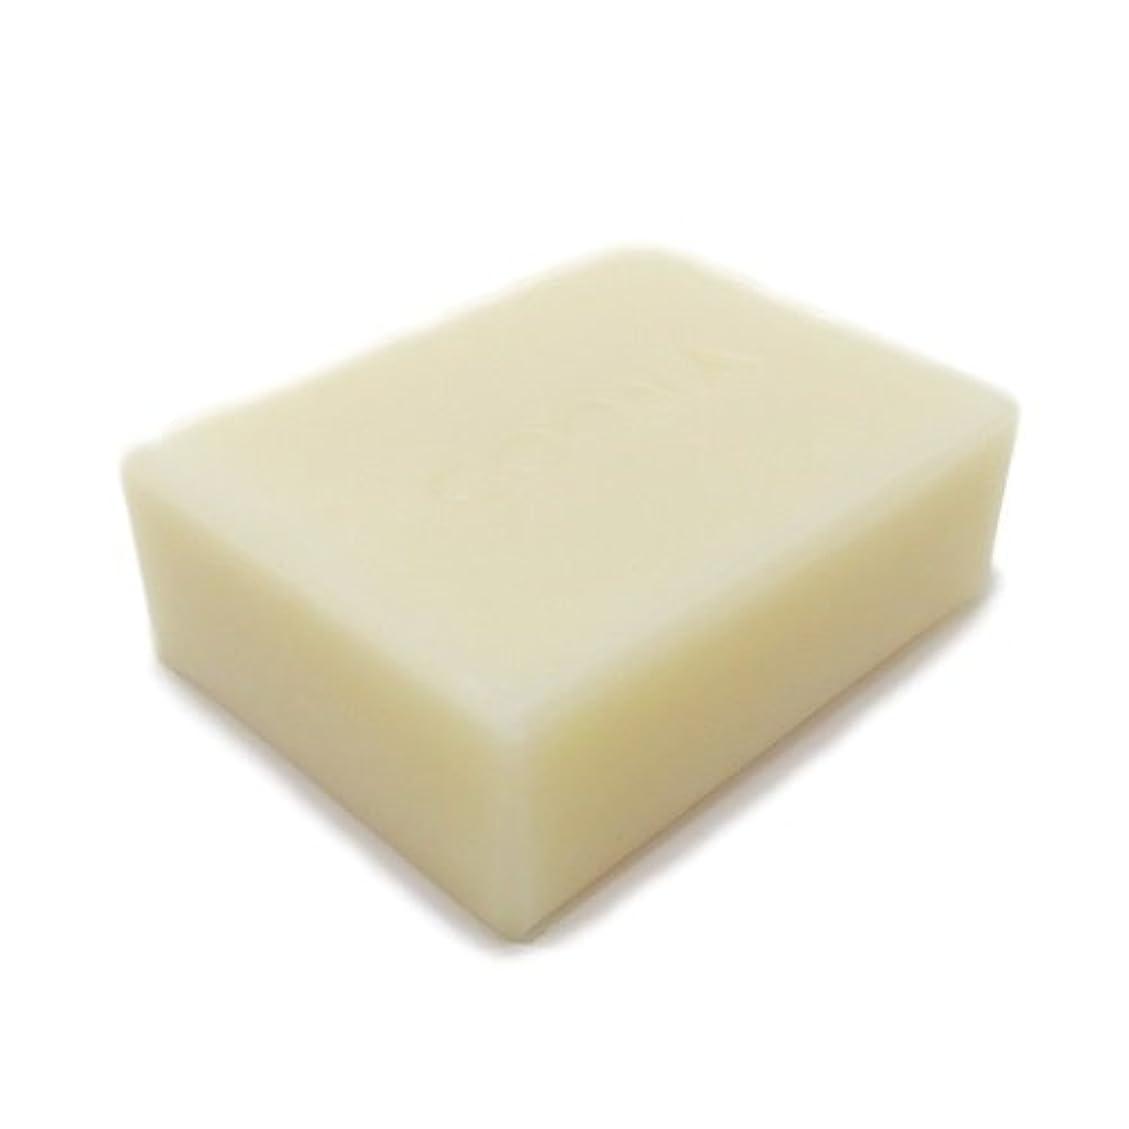 謎めいたガチョウベアリングサークル浴用石鹸 COONA和の香り石けん ゆず (天然素材 自然派 コールドプロセス 手作り せっけん) 80g